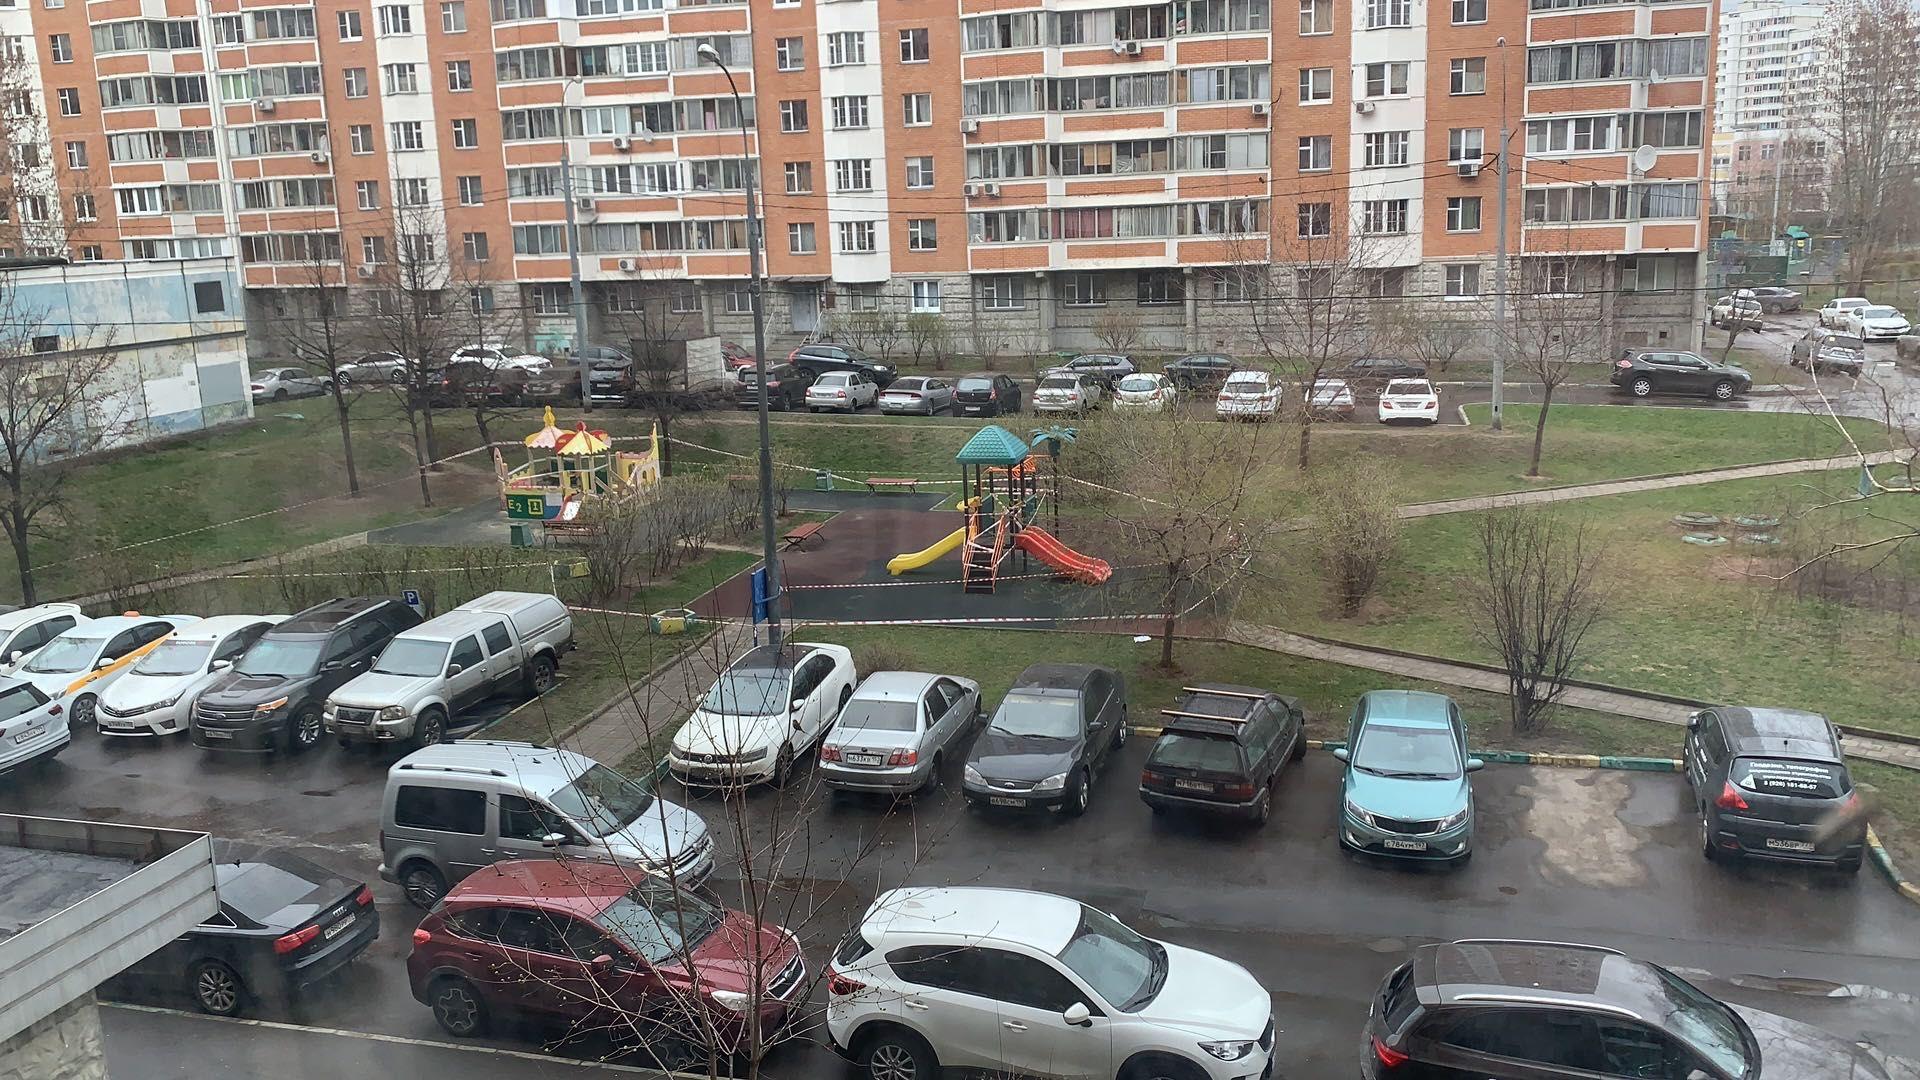 俄罗斯一社区里停满了车辆,人们尽量减少外出。受访者供图